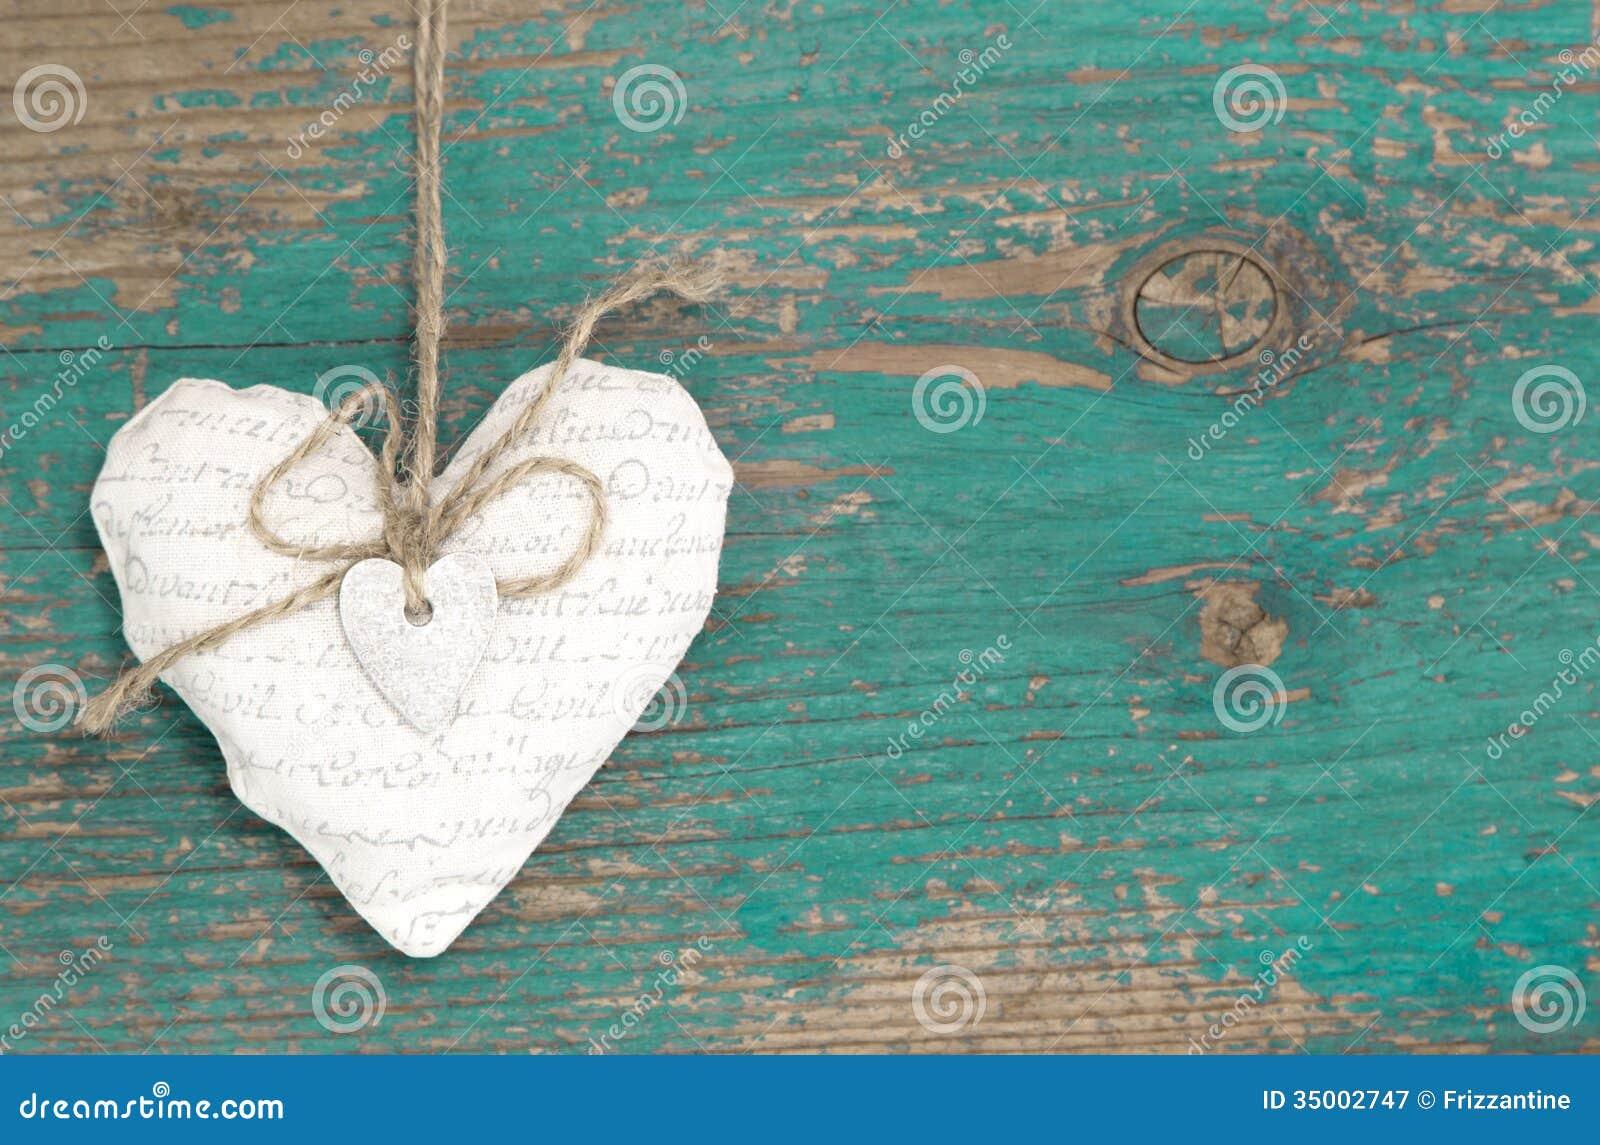 垂悬的心脏和绿松石木背景在乡村模式。